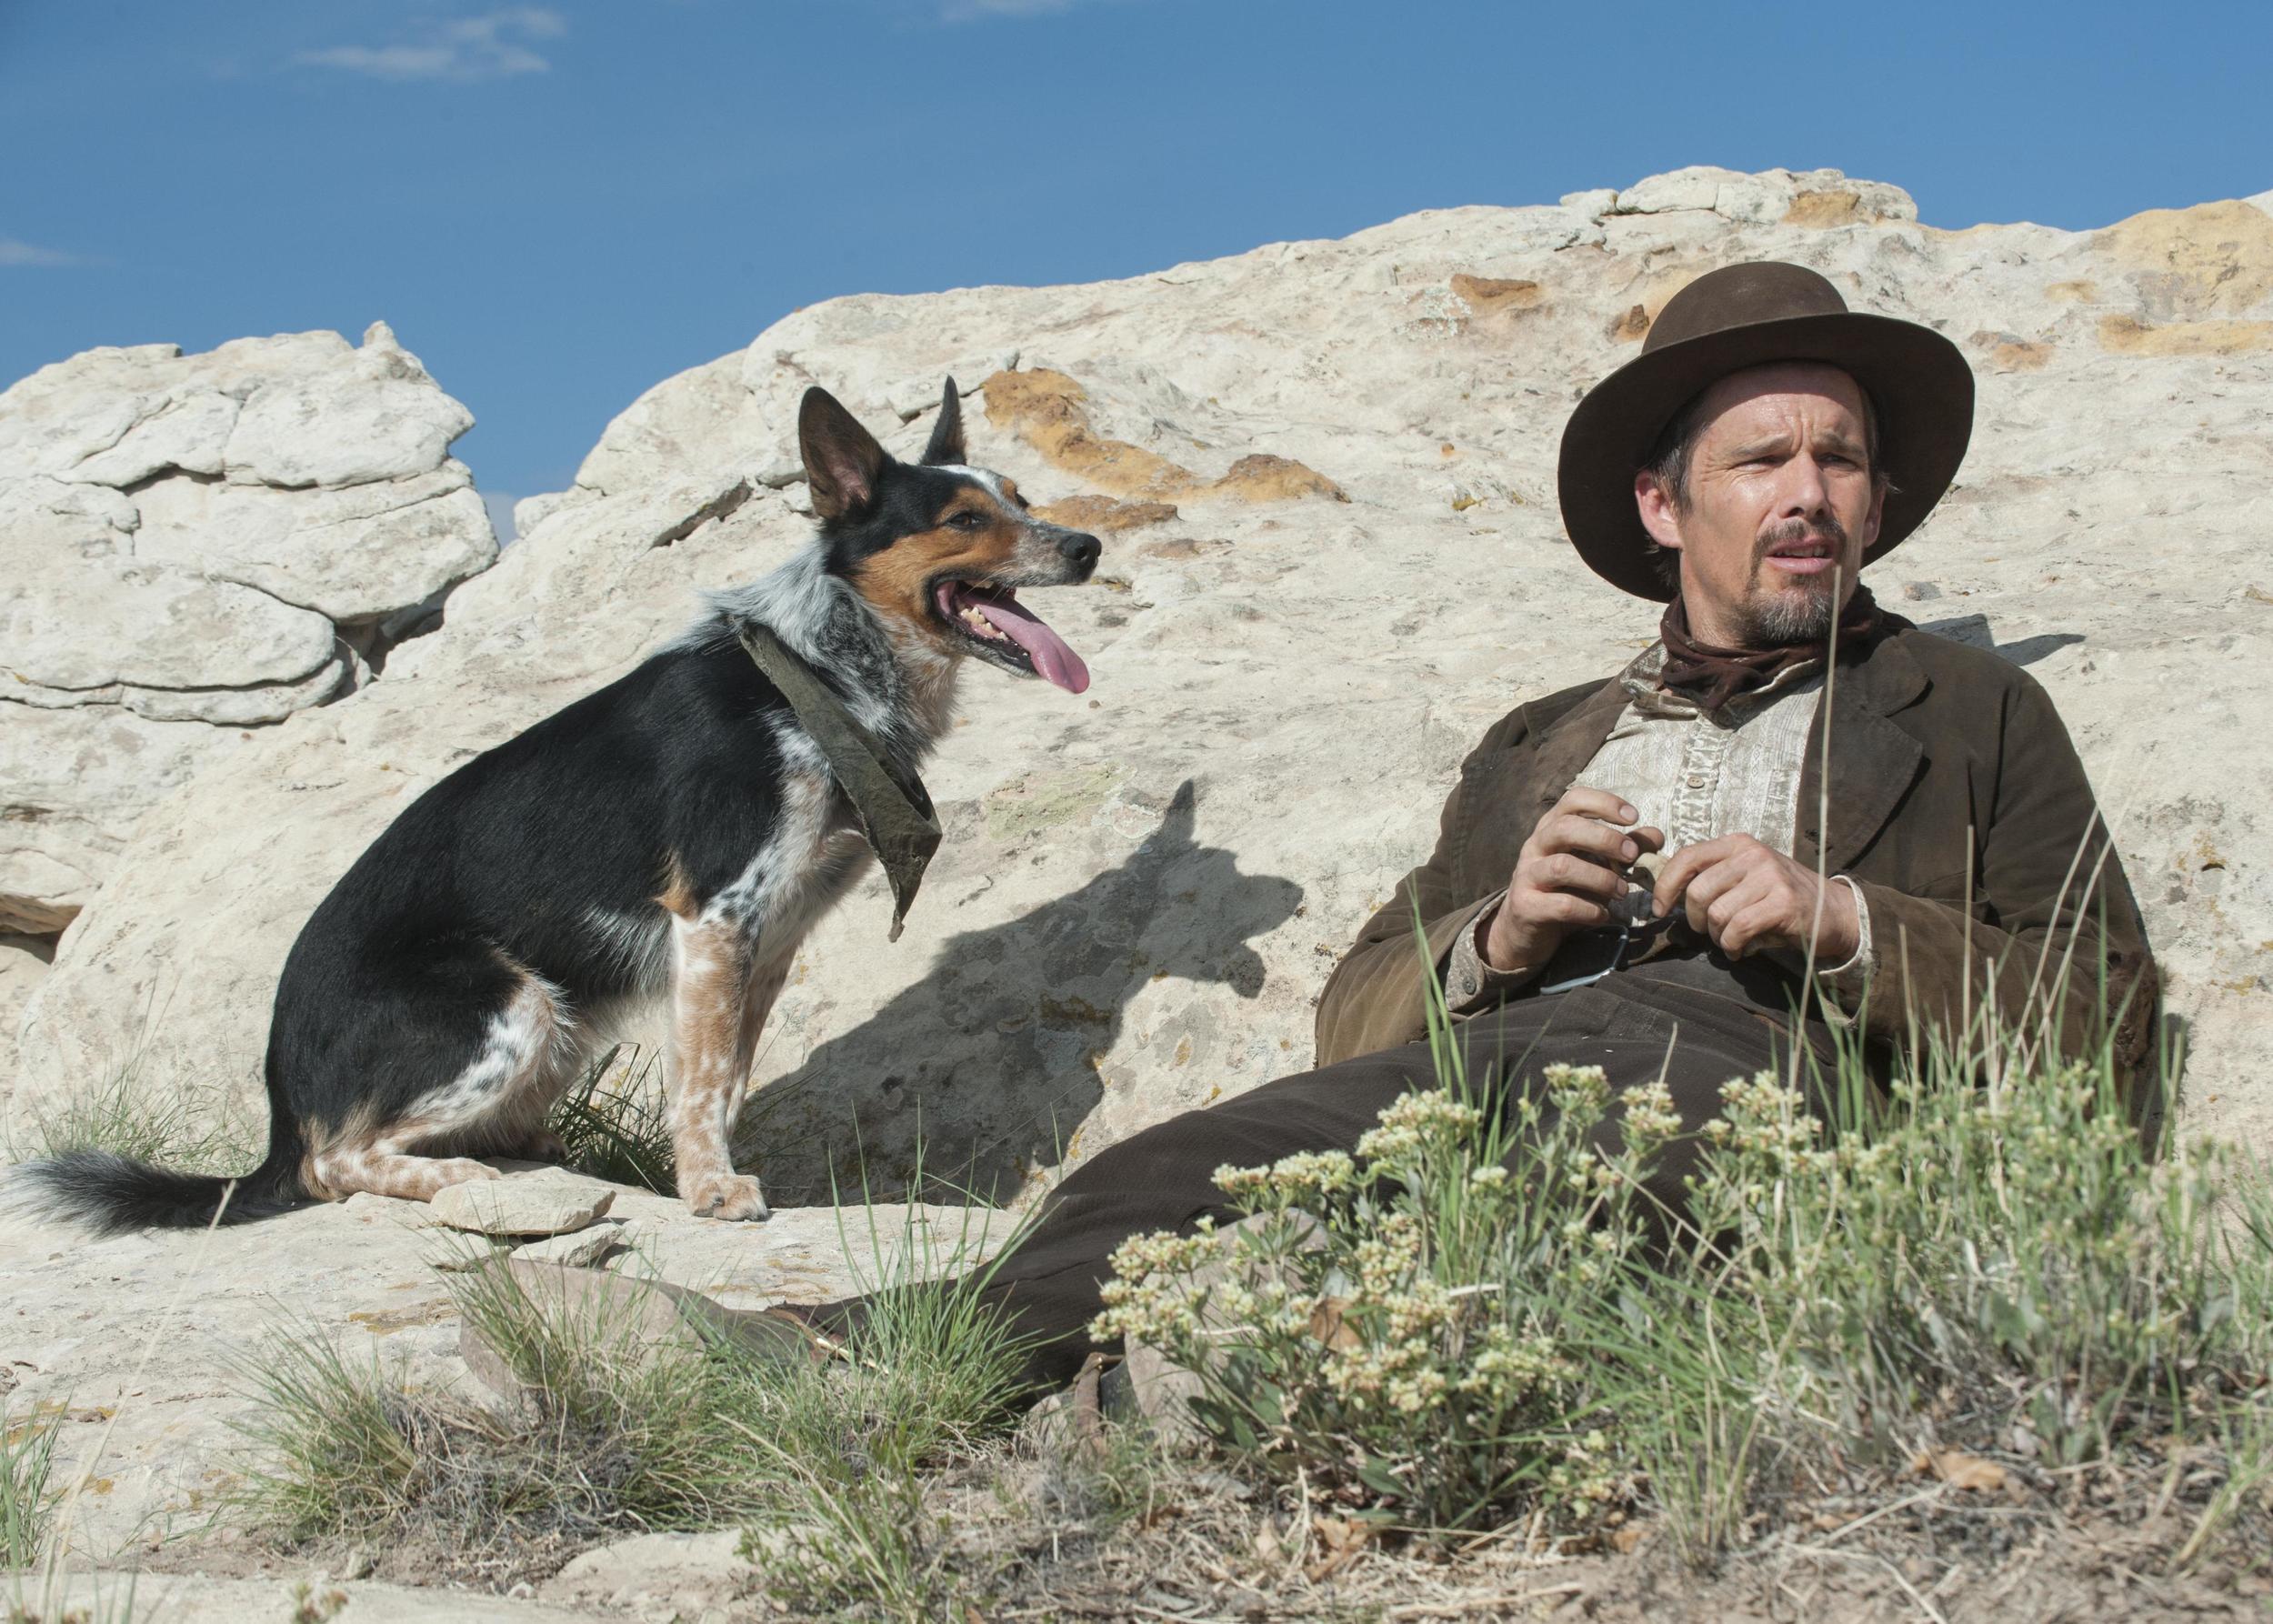 (Image: movies.blog.austin360.com)